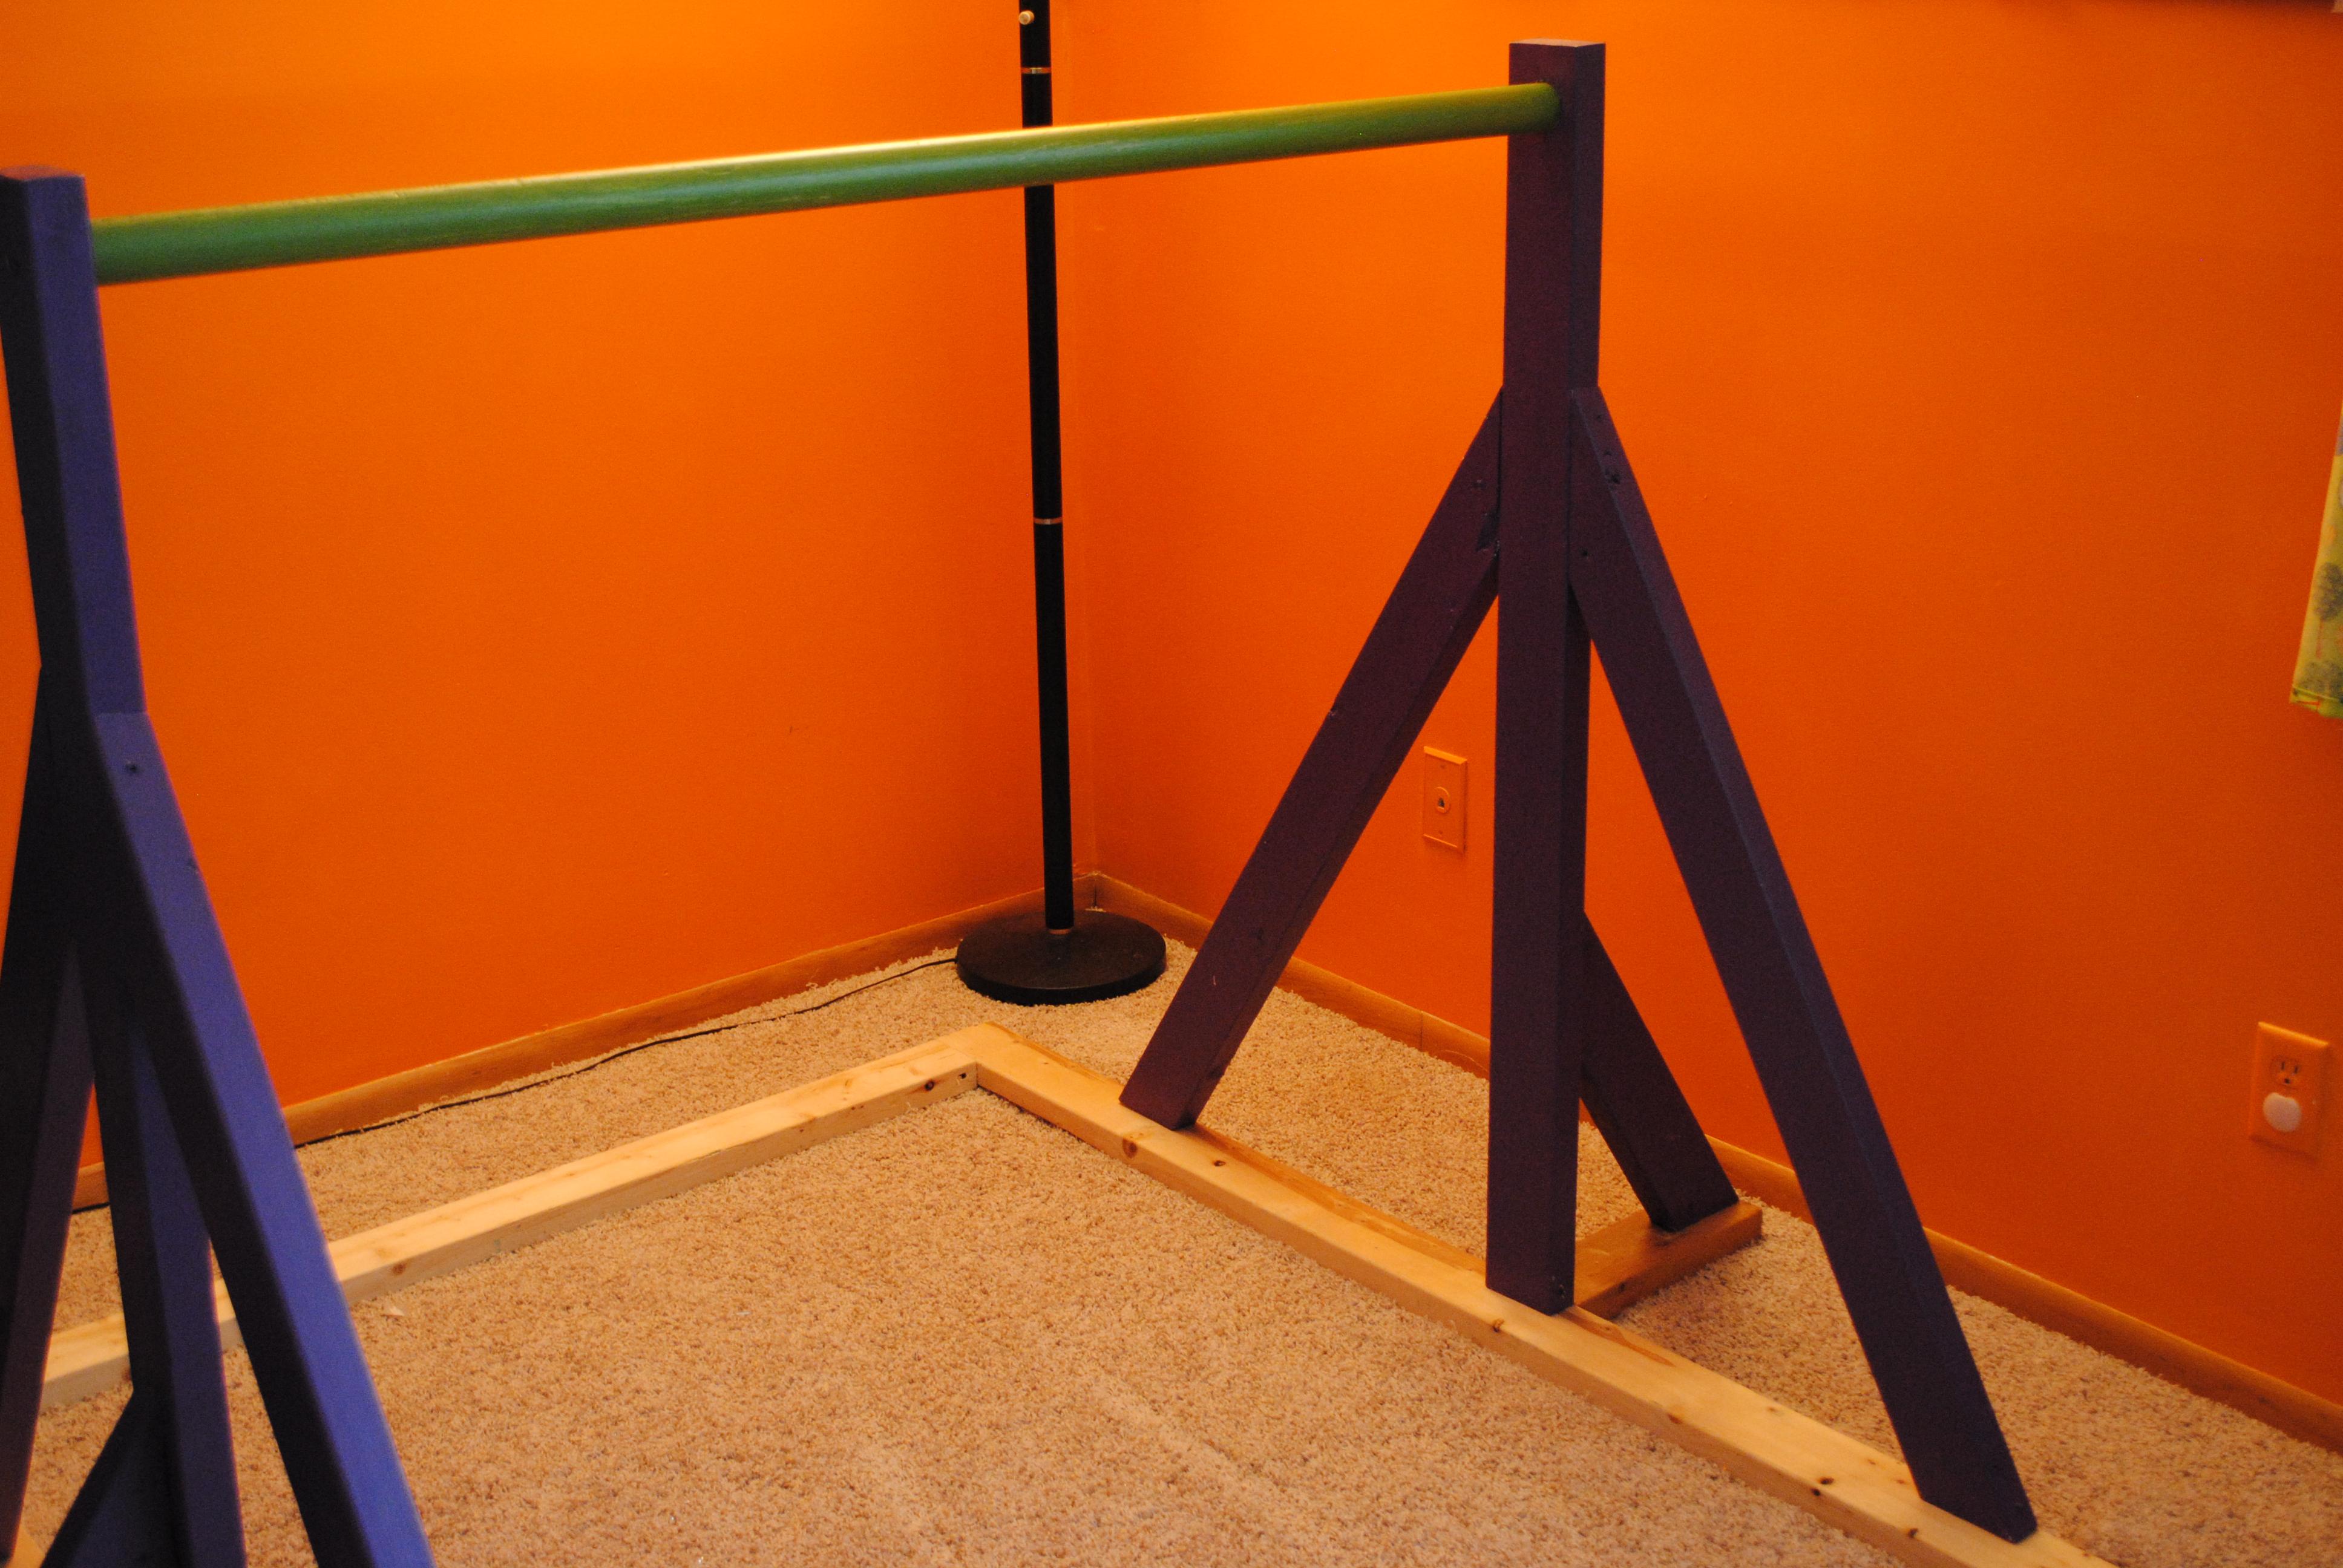 Gymnastics Bar How To He Sowed She Sewed